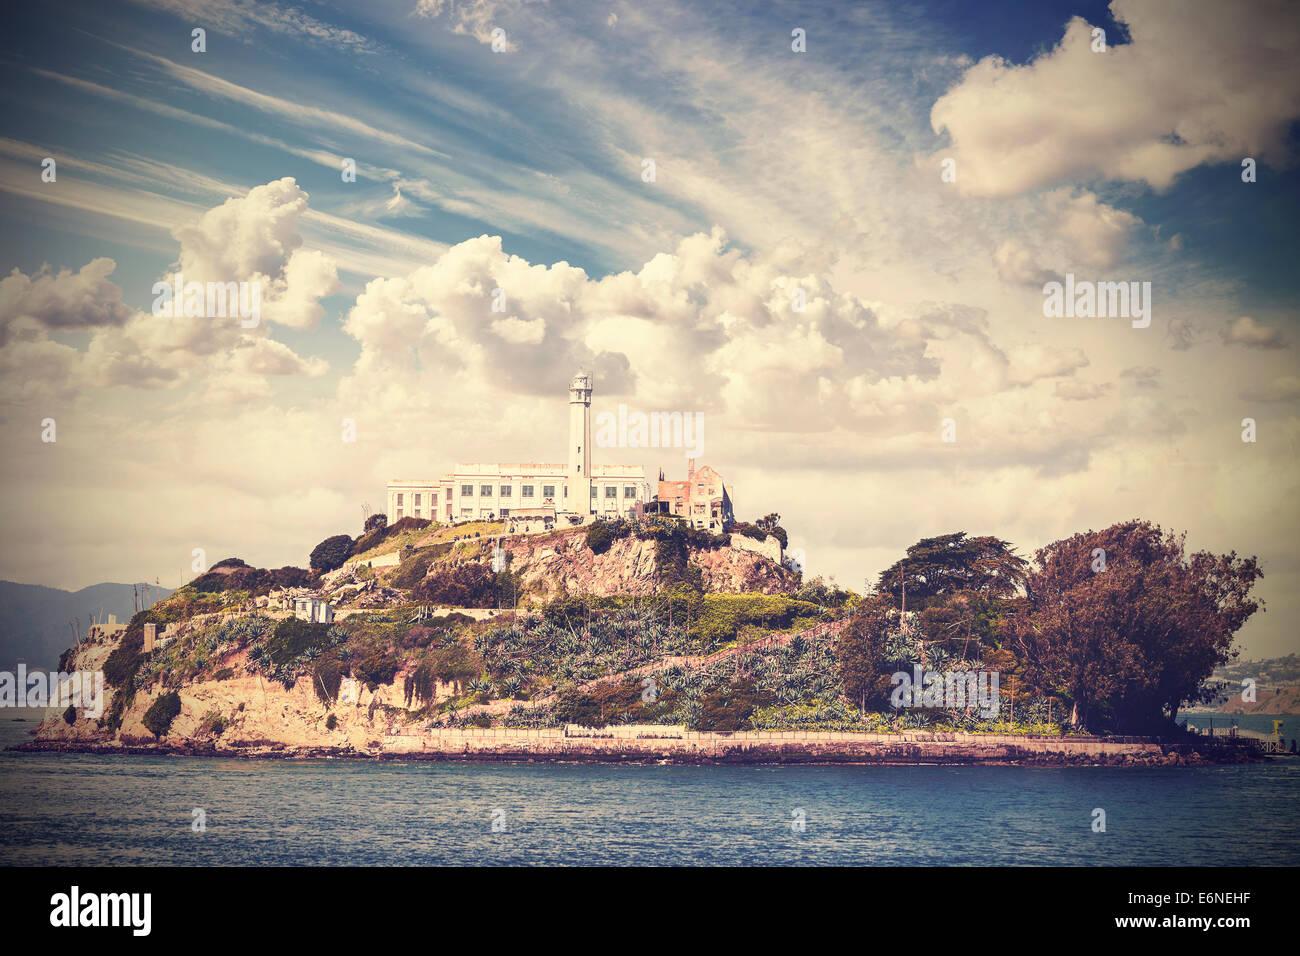 Vintage Foto di Isola di Alcatraz a San Francisco, Stati Uniti d'America. Immagini Stock